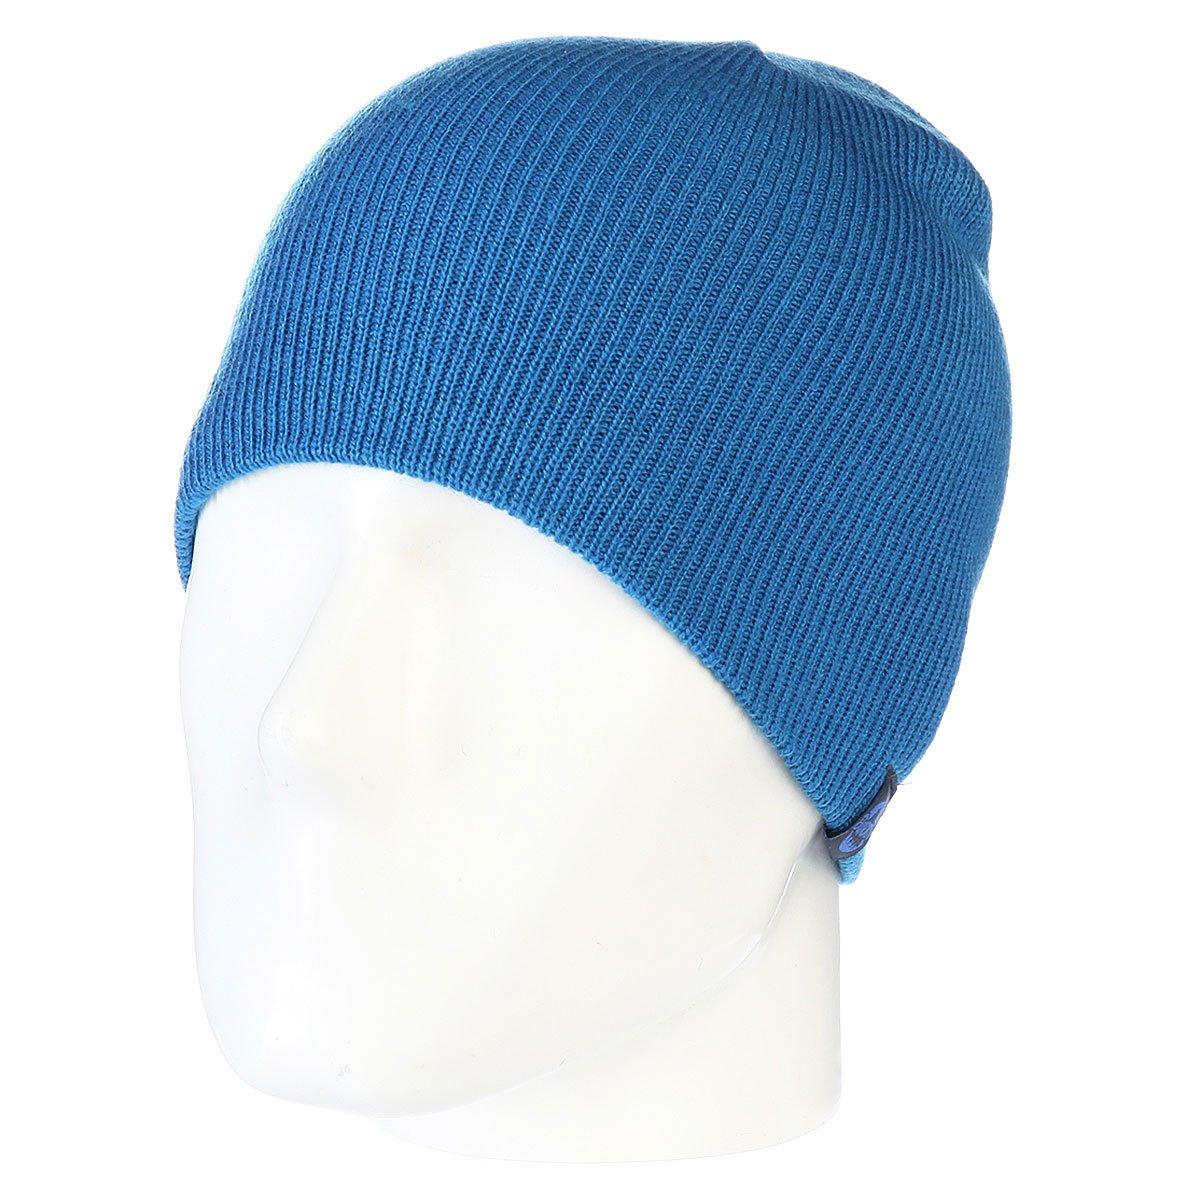 46065672257 Купить шапку детскую Burton Boys All Day Long Beanie Mascot в ...